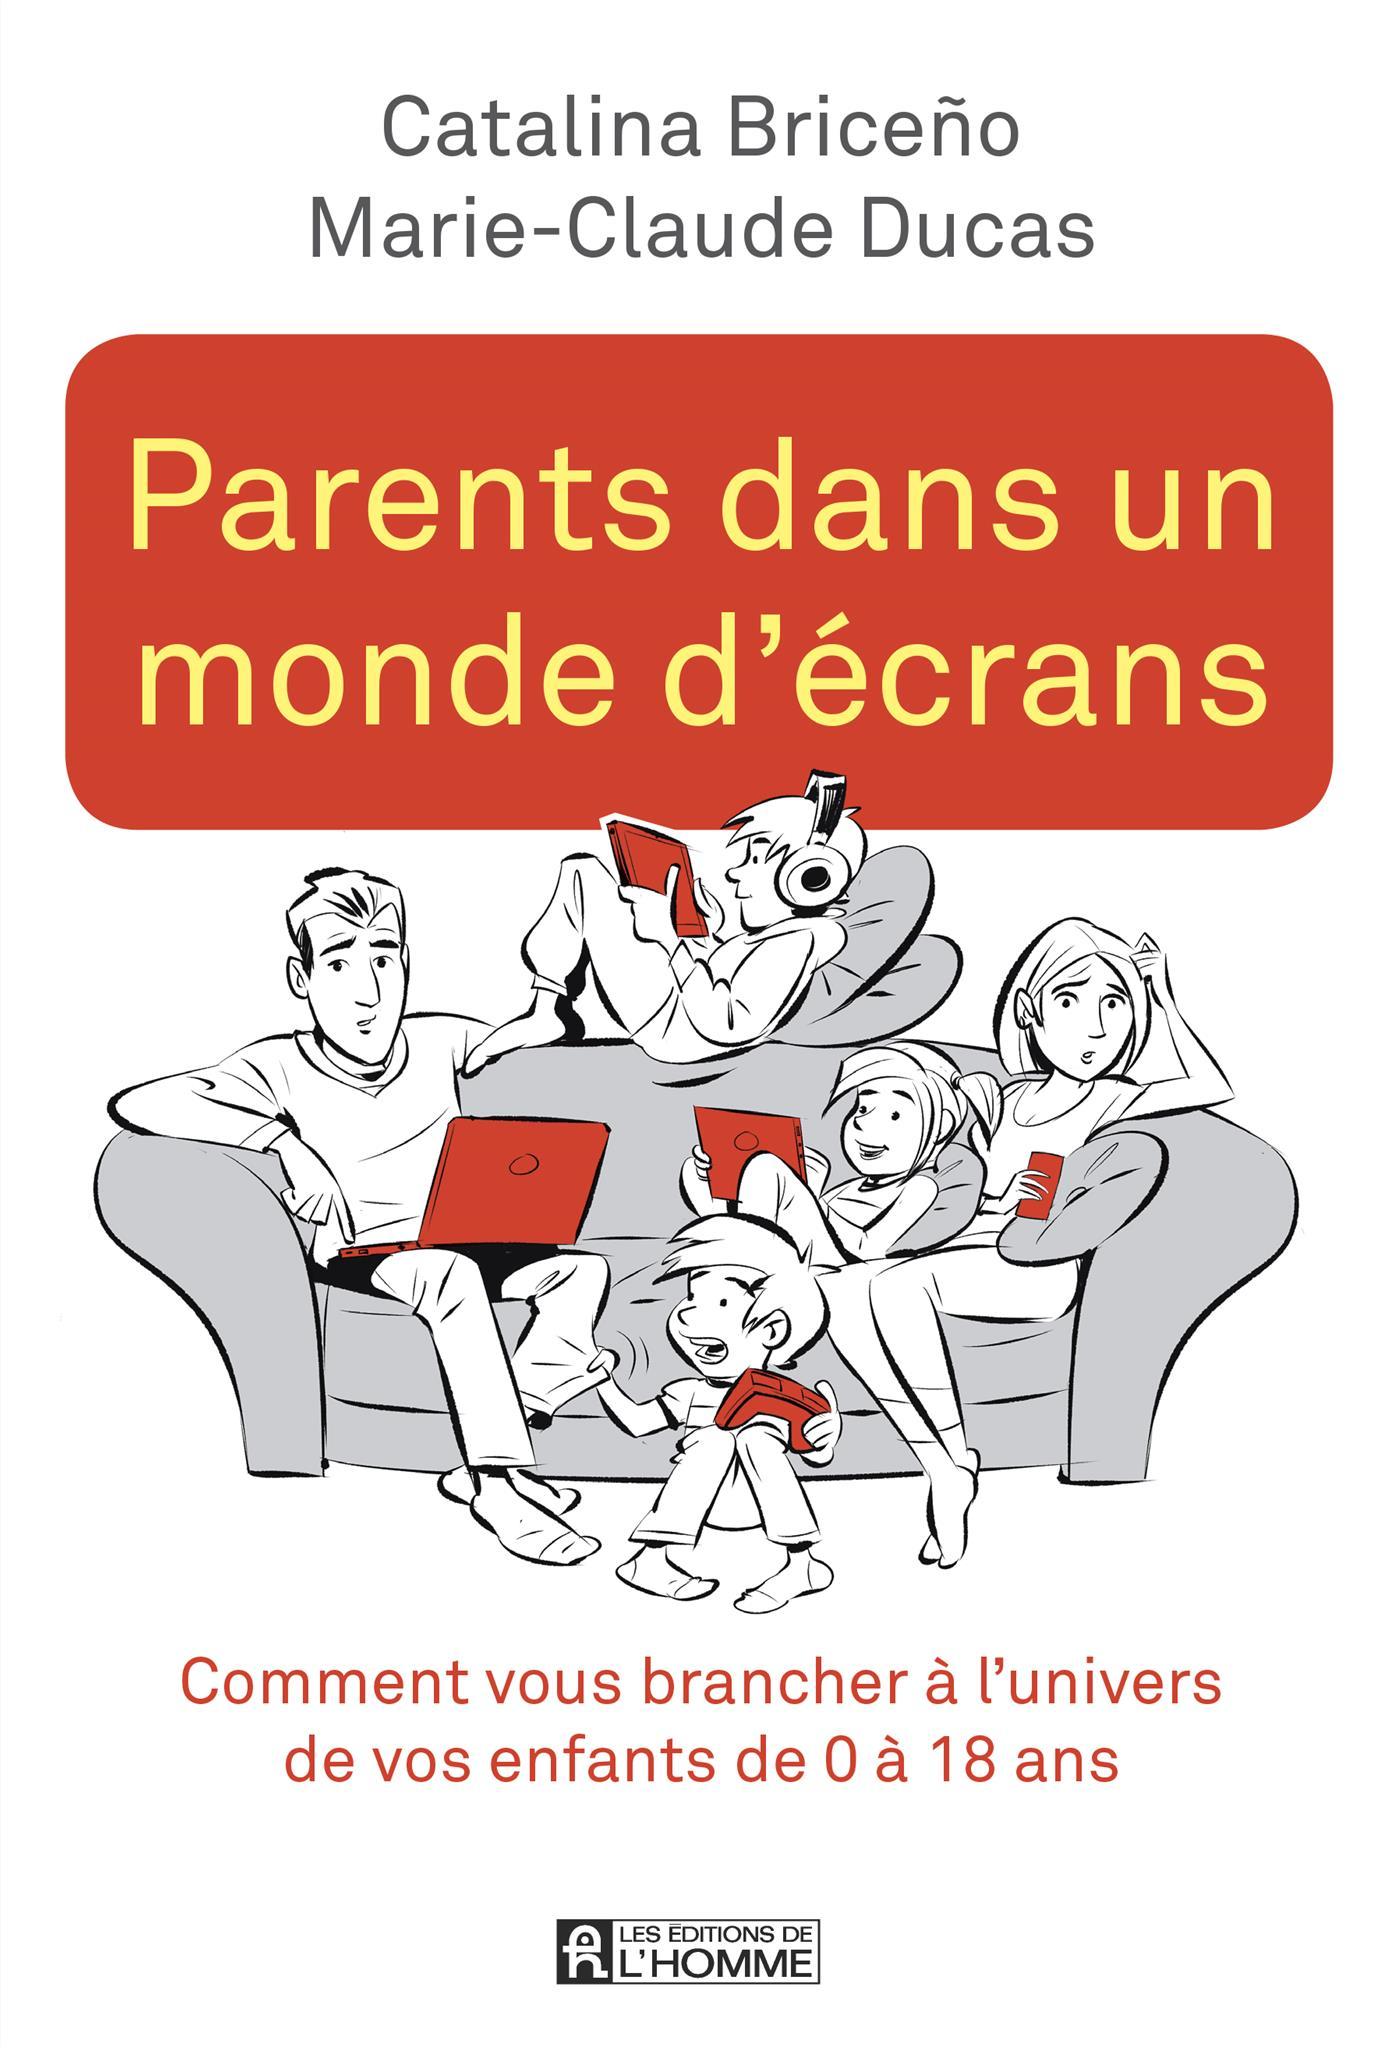 Parents dans un monde d'écrans